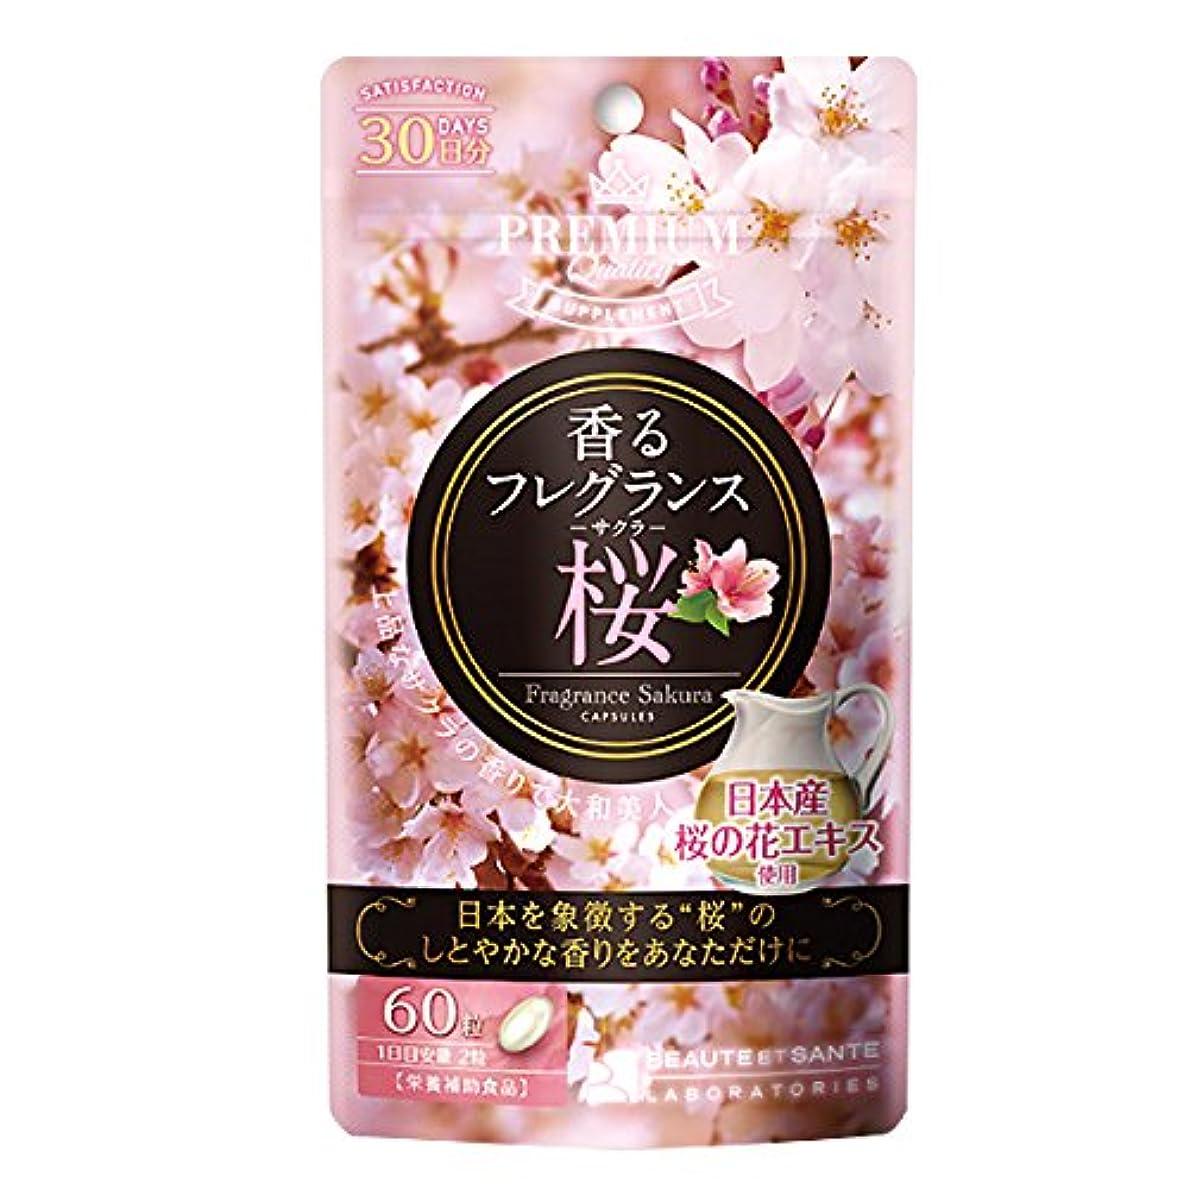 自動的に鮫うまくいけば香るフレグランス 桜 [60粒]